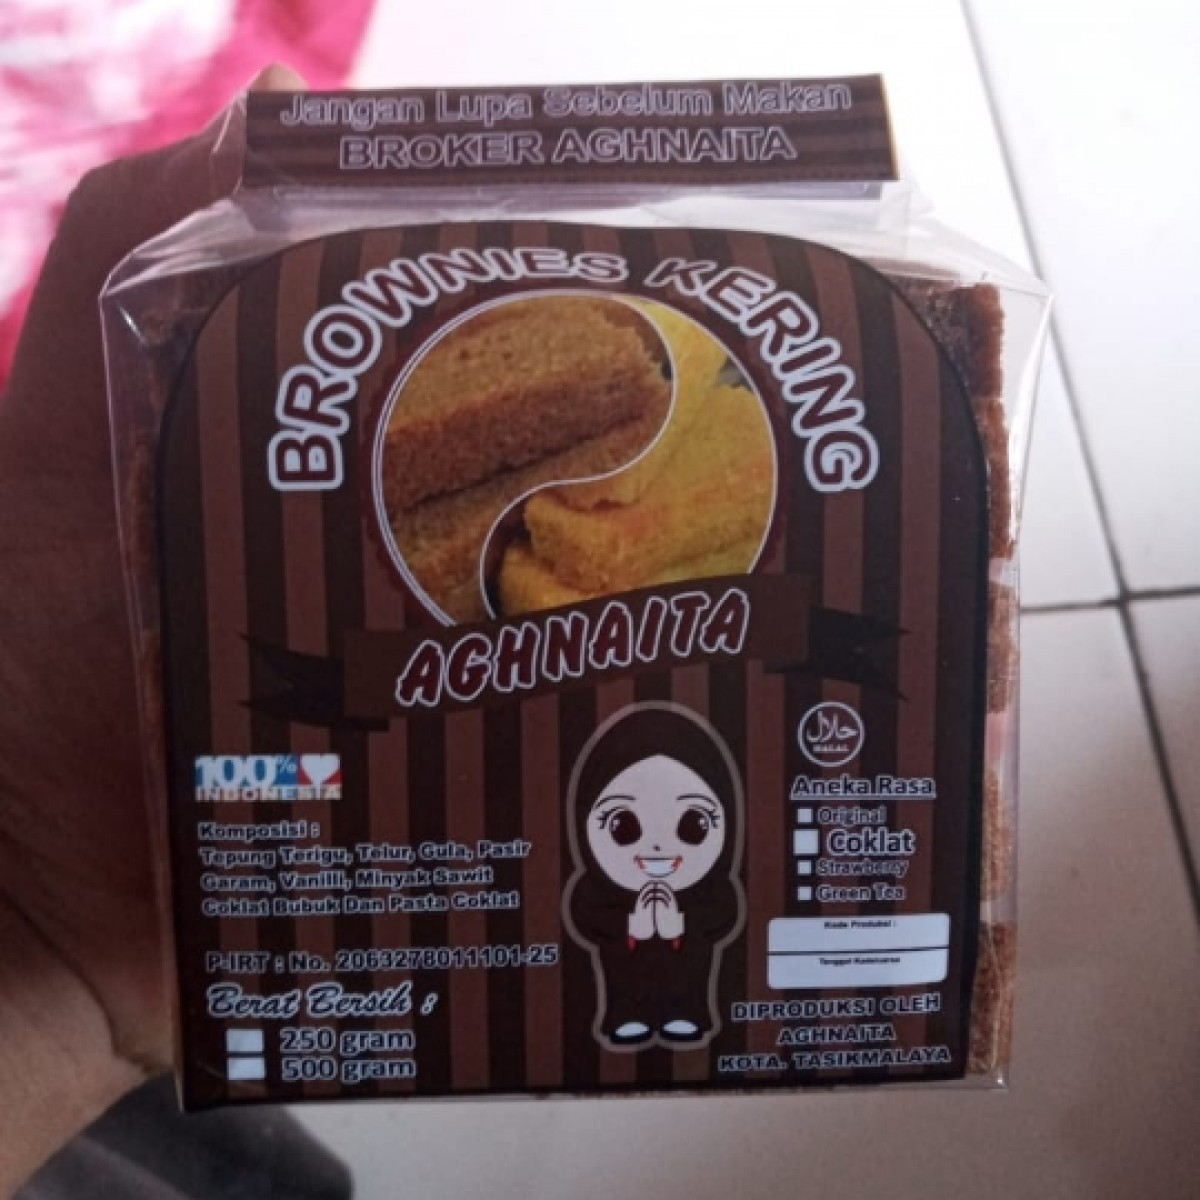 Brownies Kering Cokelat